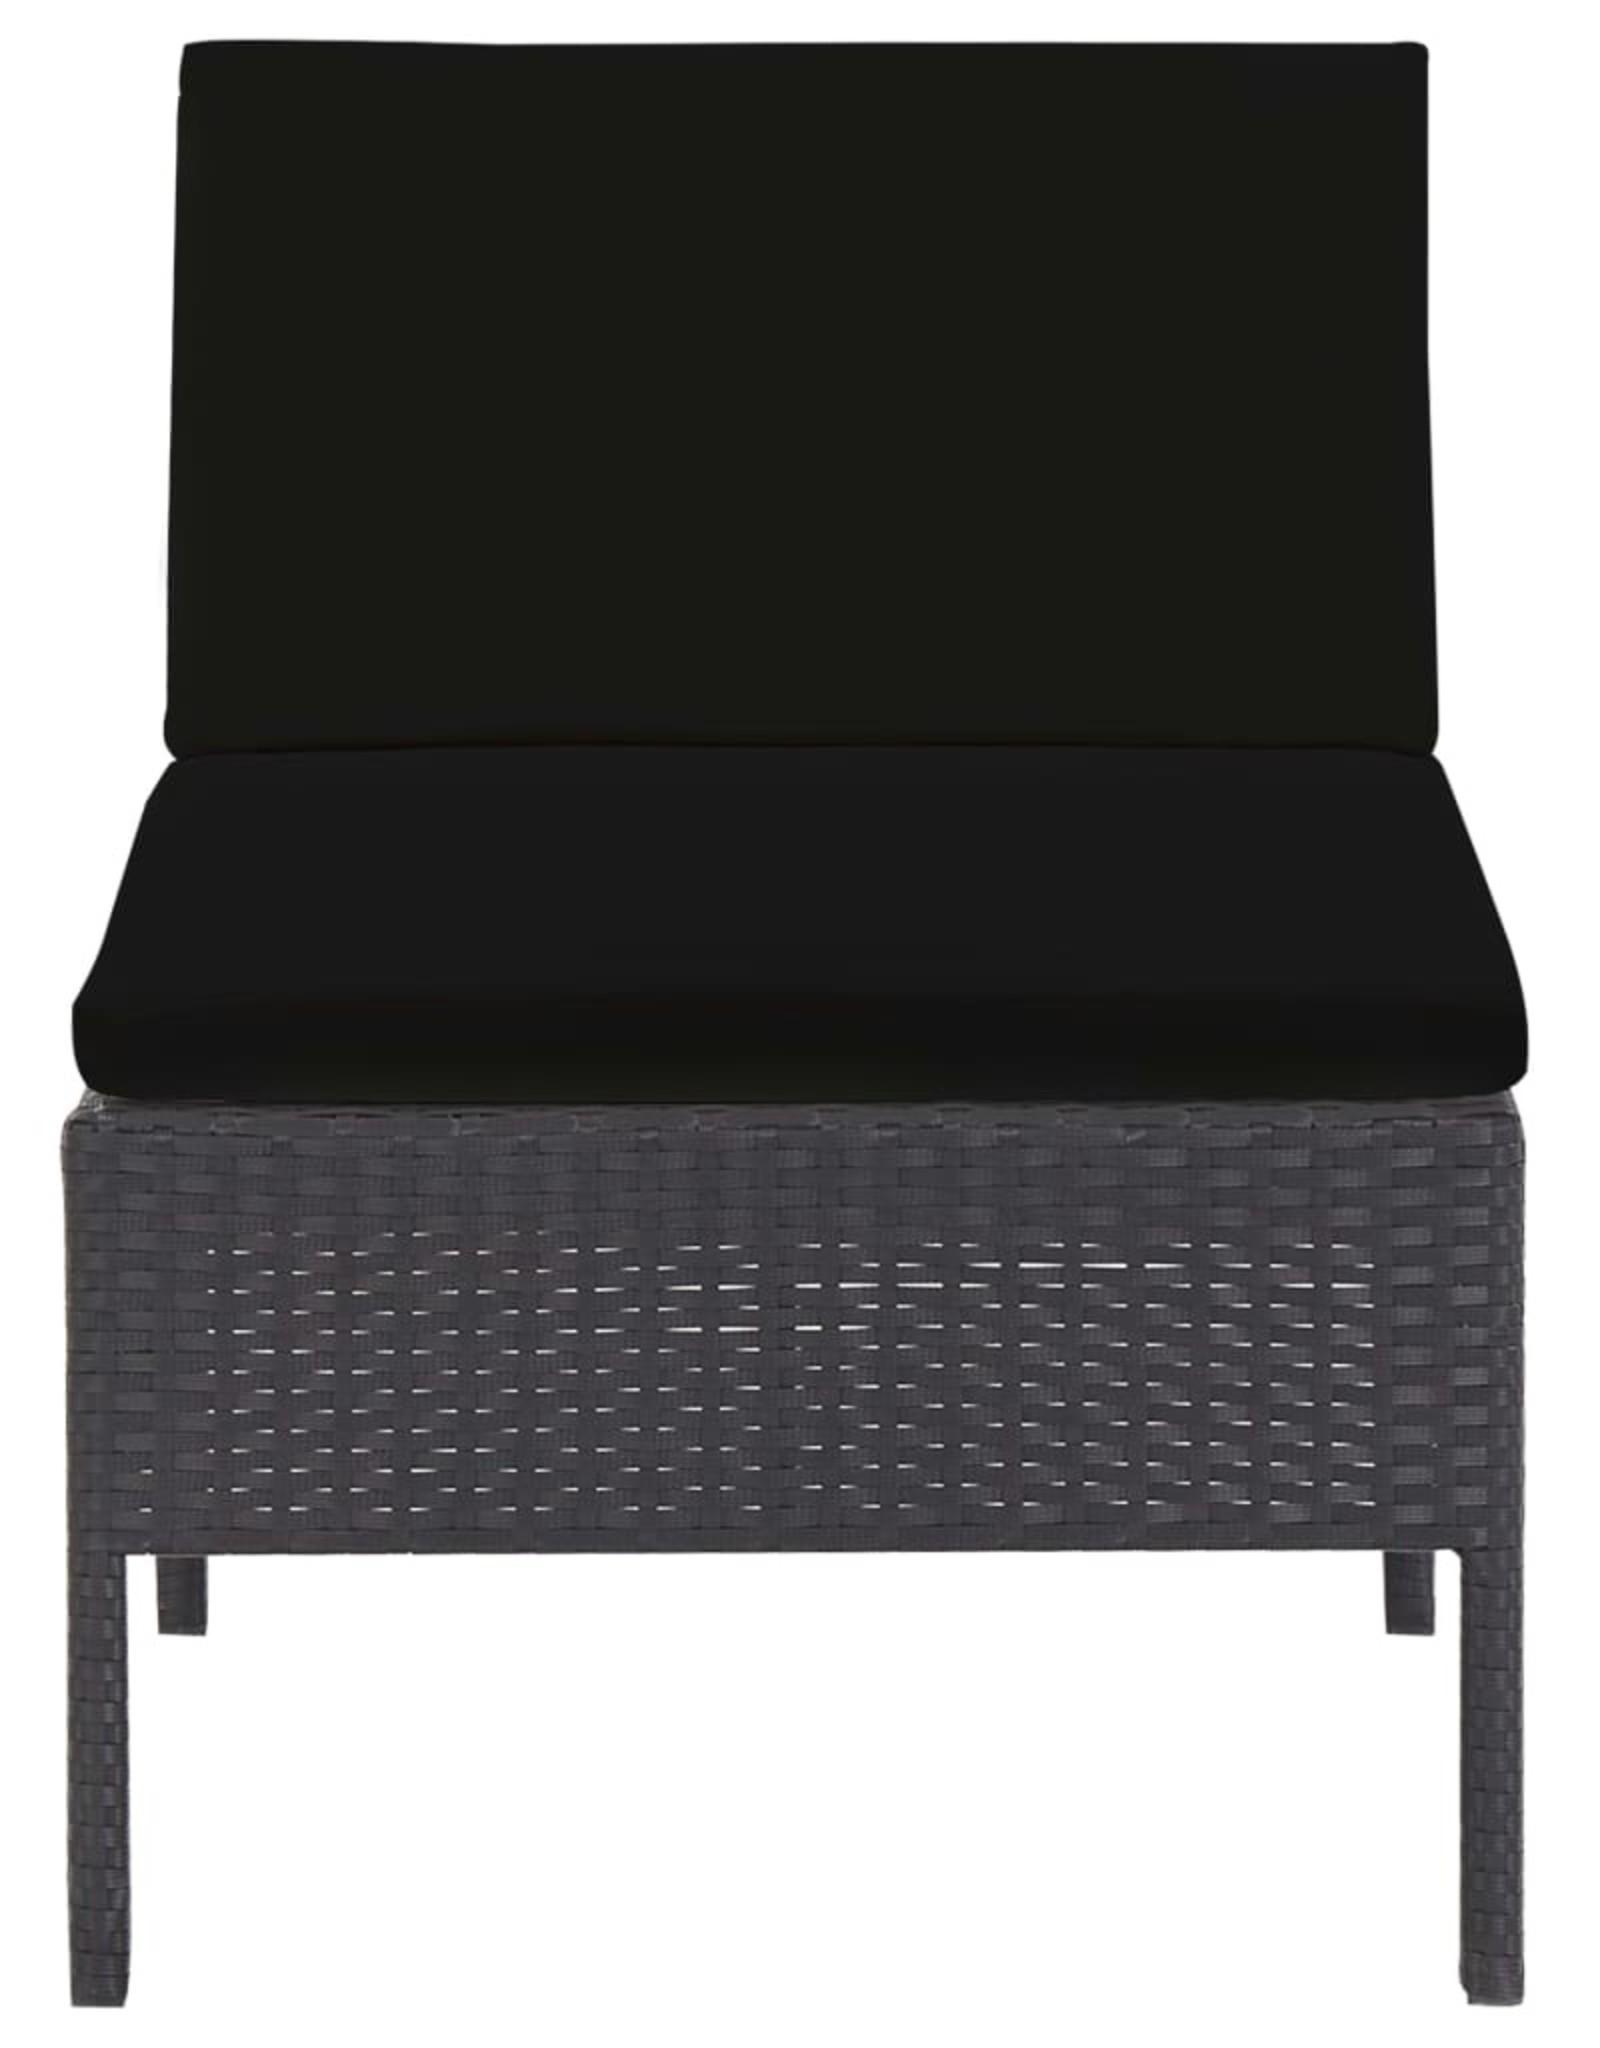 vidaXL 5-delige Loungeset met kussens poly rattan zwart